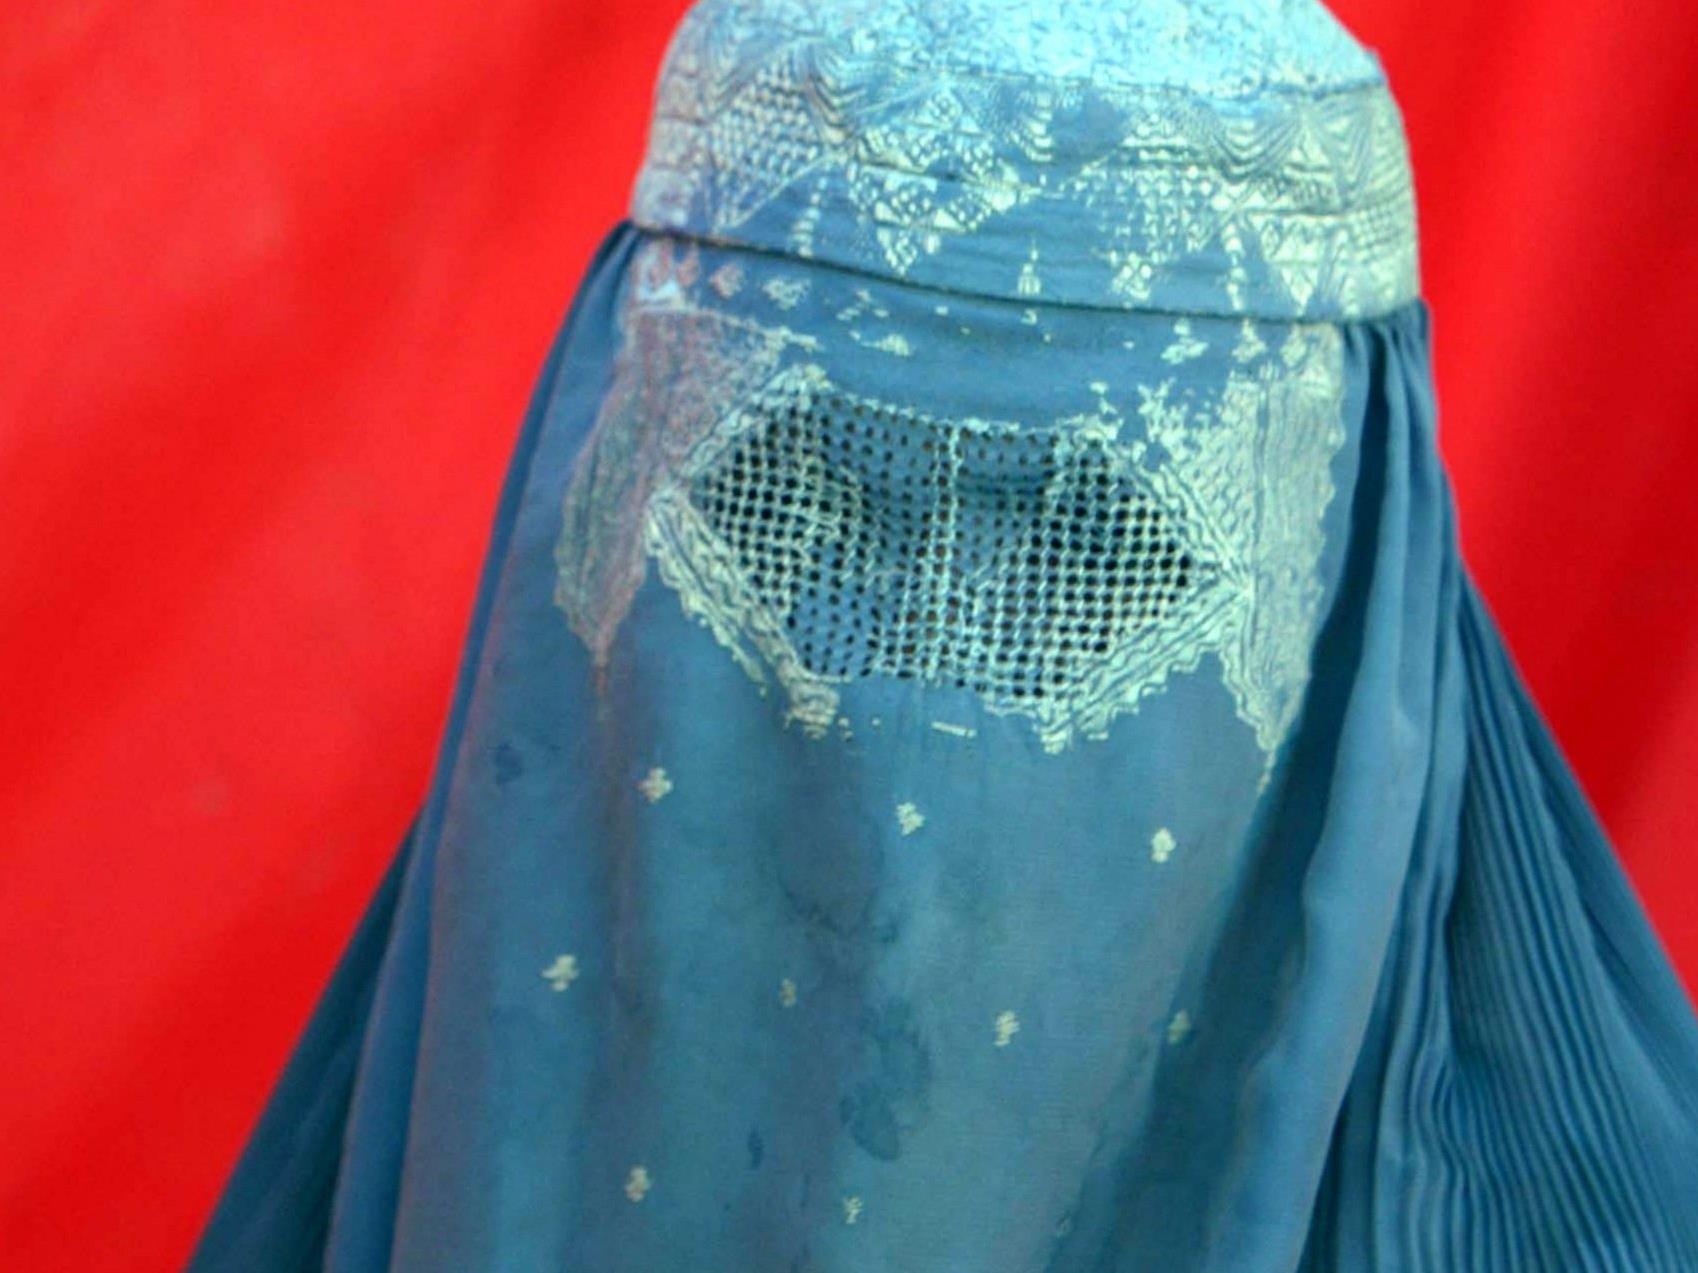 Burka-Verbot sorgt für Diskussionen.